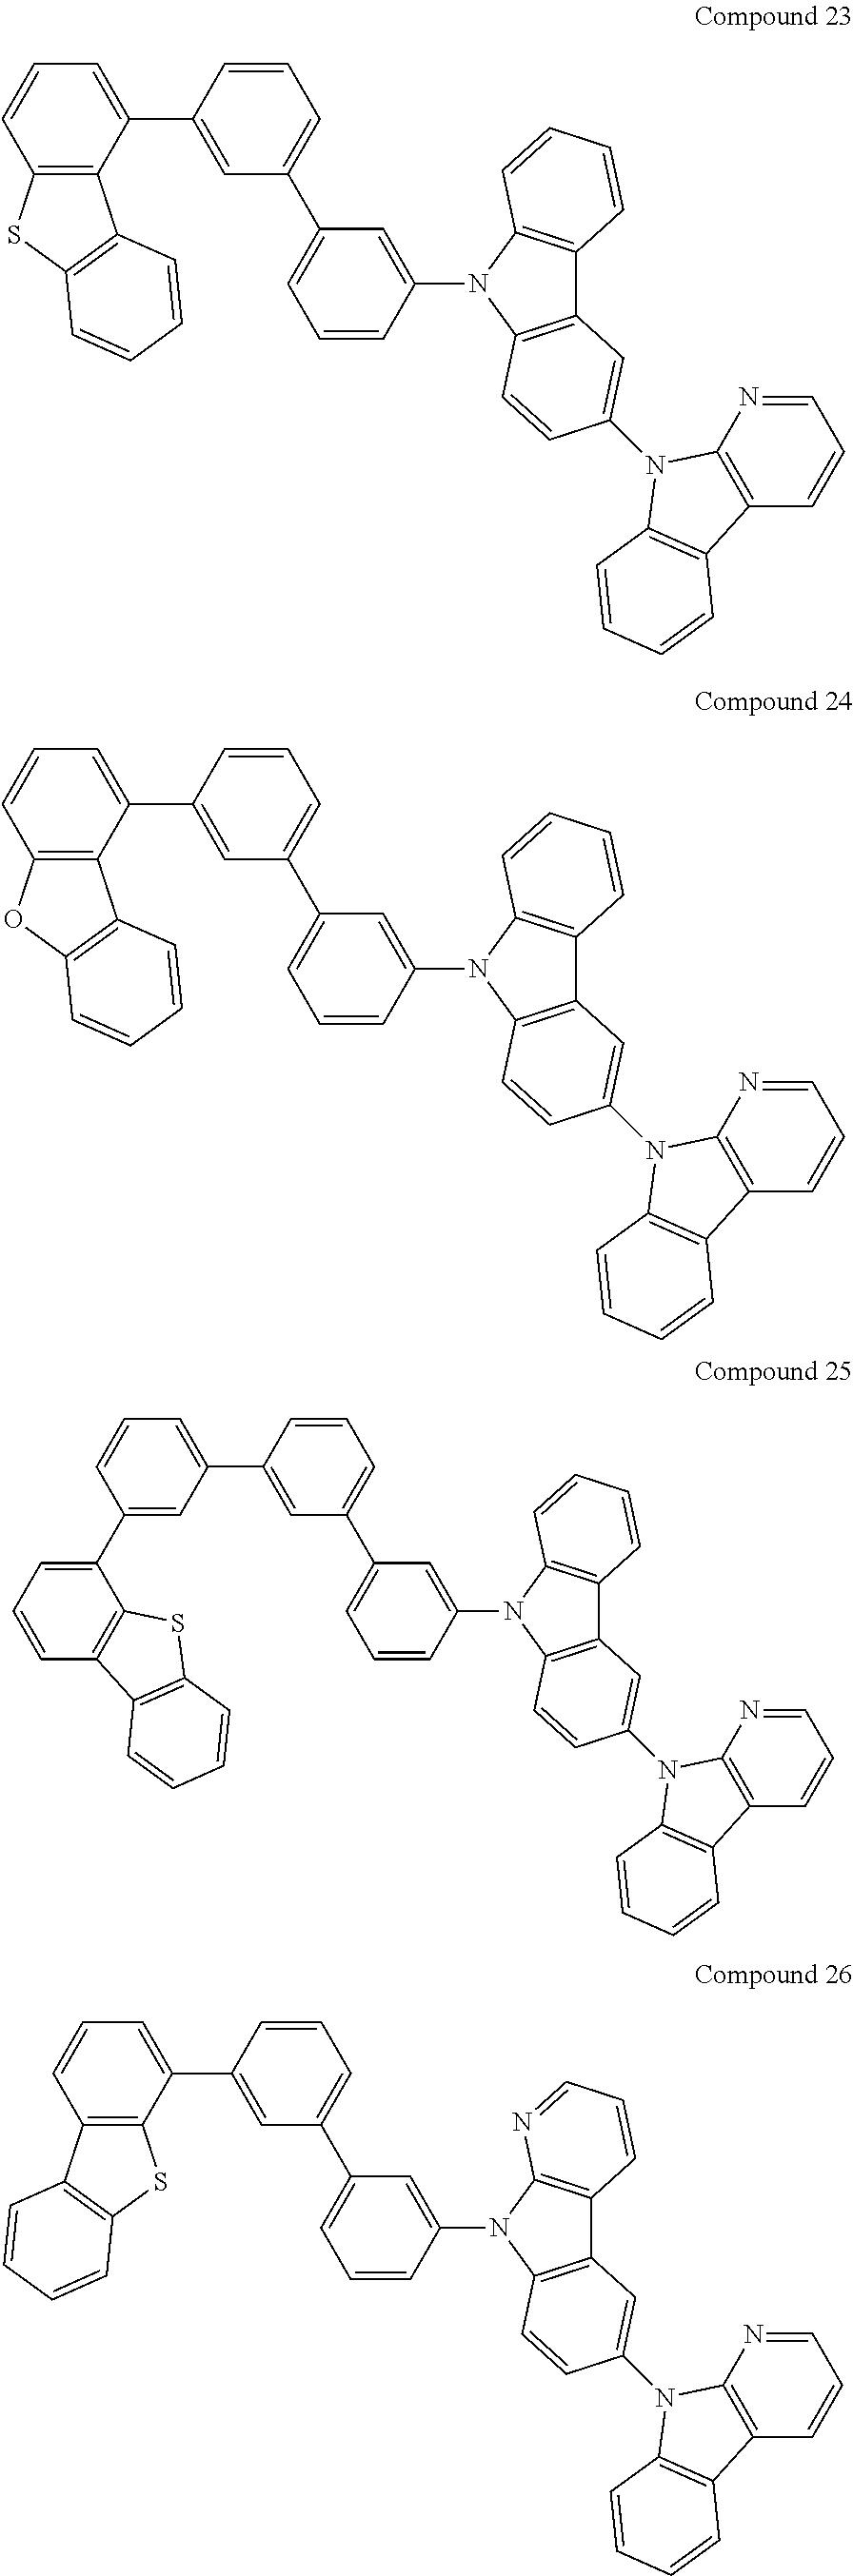 Figure US08580399-20131112-C00212